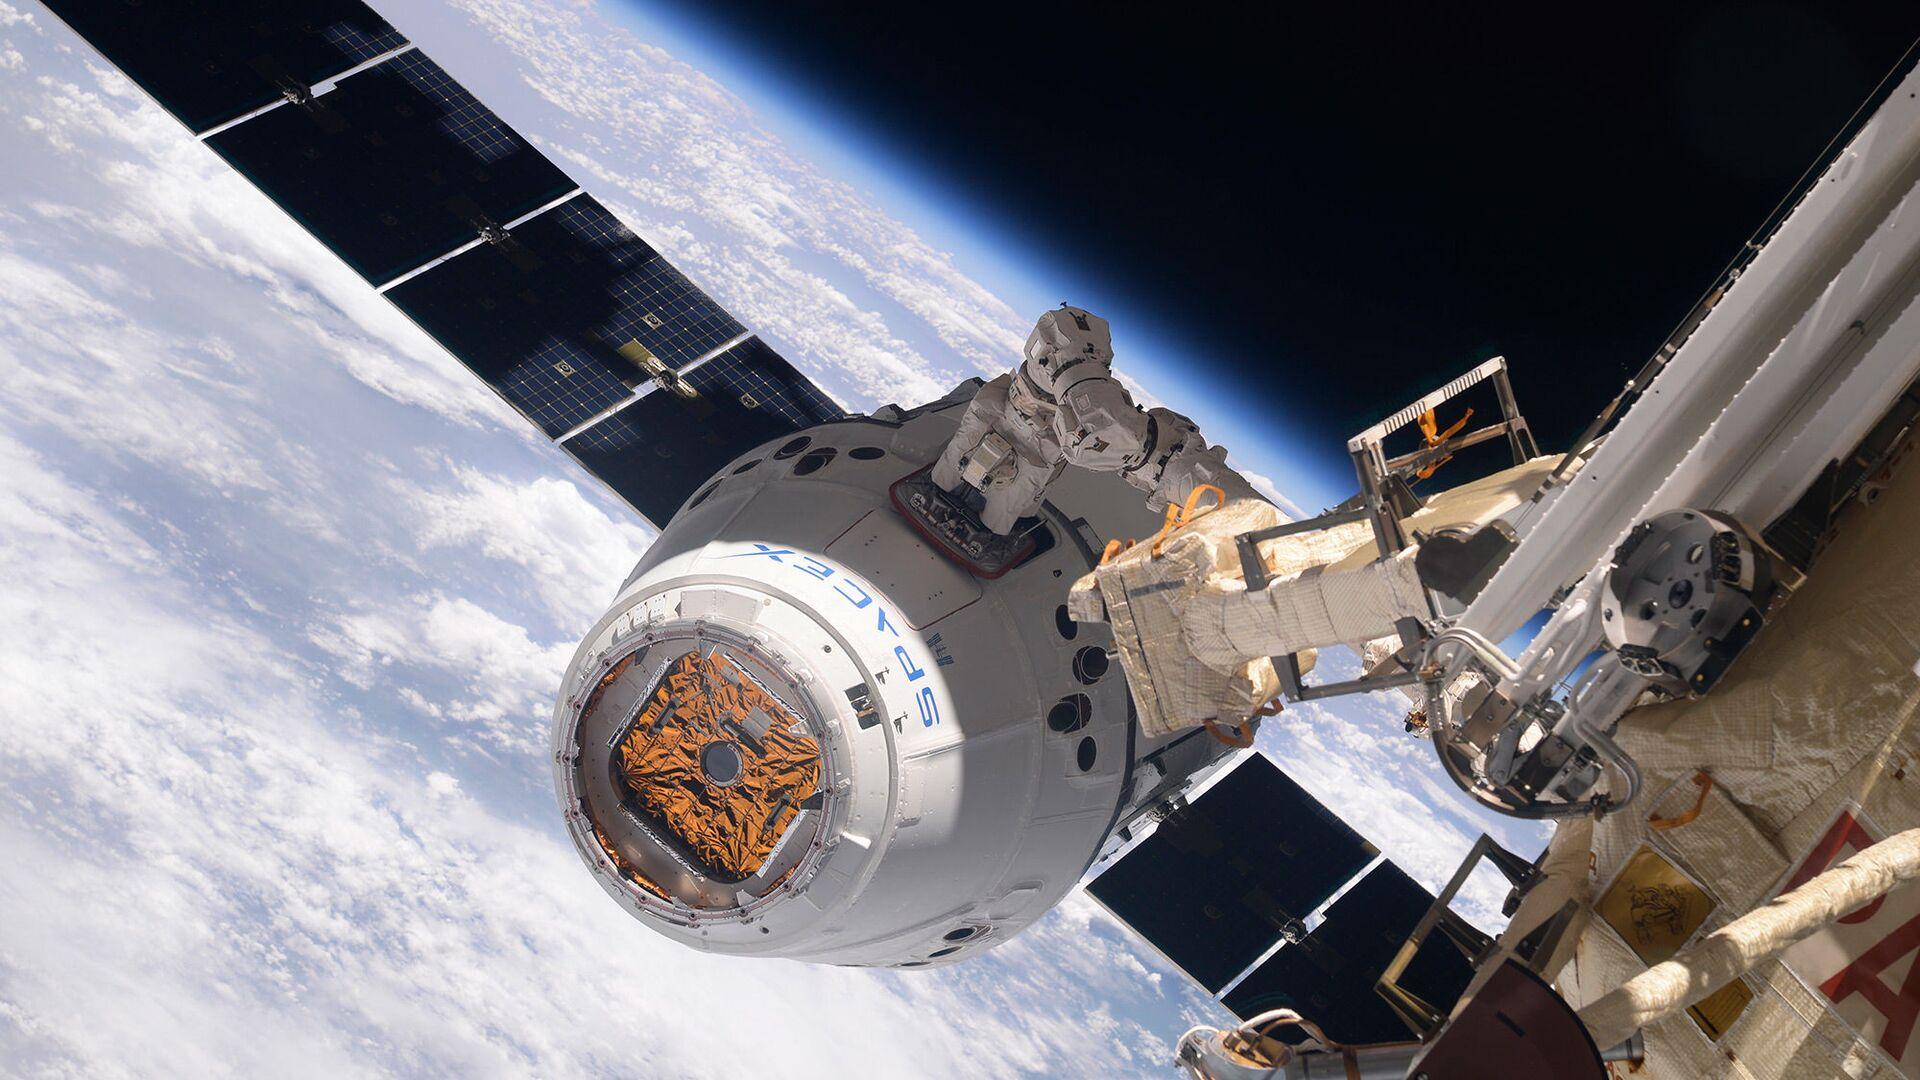 La navicella cargo SpaceX Dragon si aggancia all'ISS. - Sputnik Italia, 1920, 05.06.2021